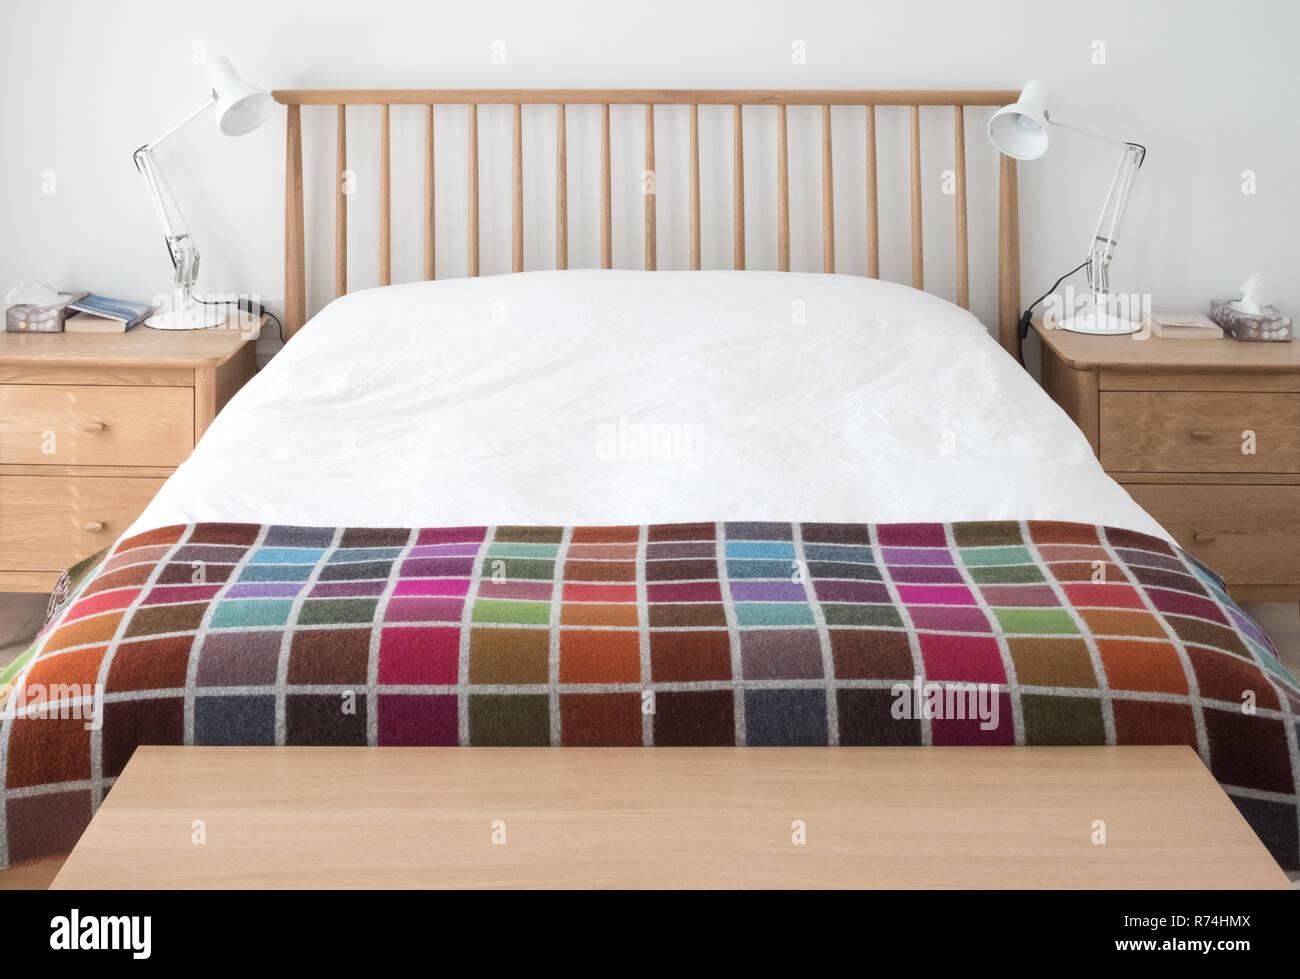 Arredamento Minimalista Camera Da Letto : Ispirato scandinavo minimalista interiore camera da letto che